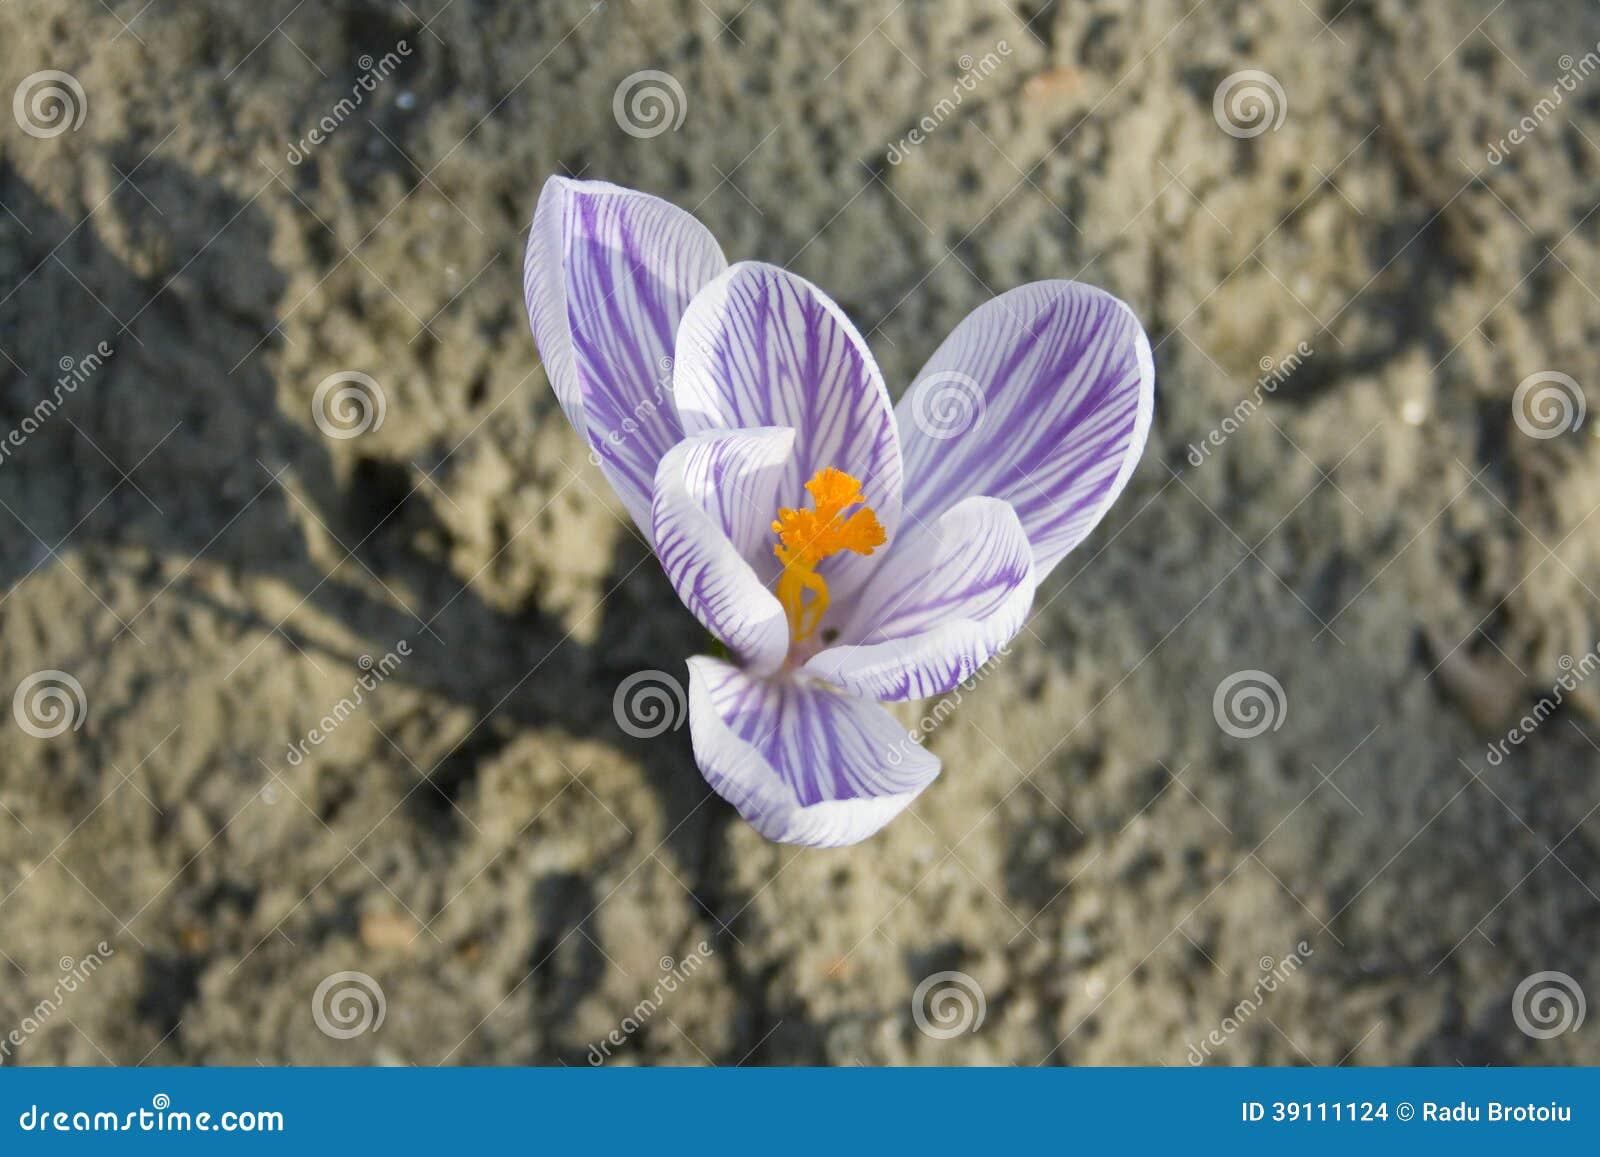 Violette krokus